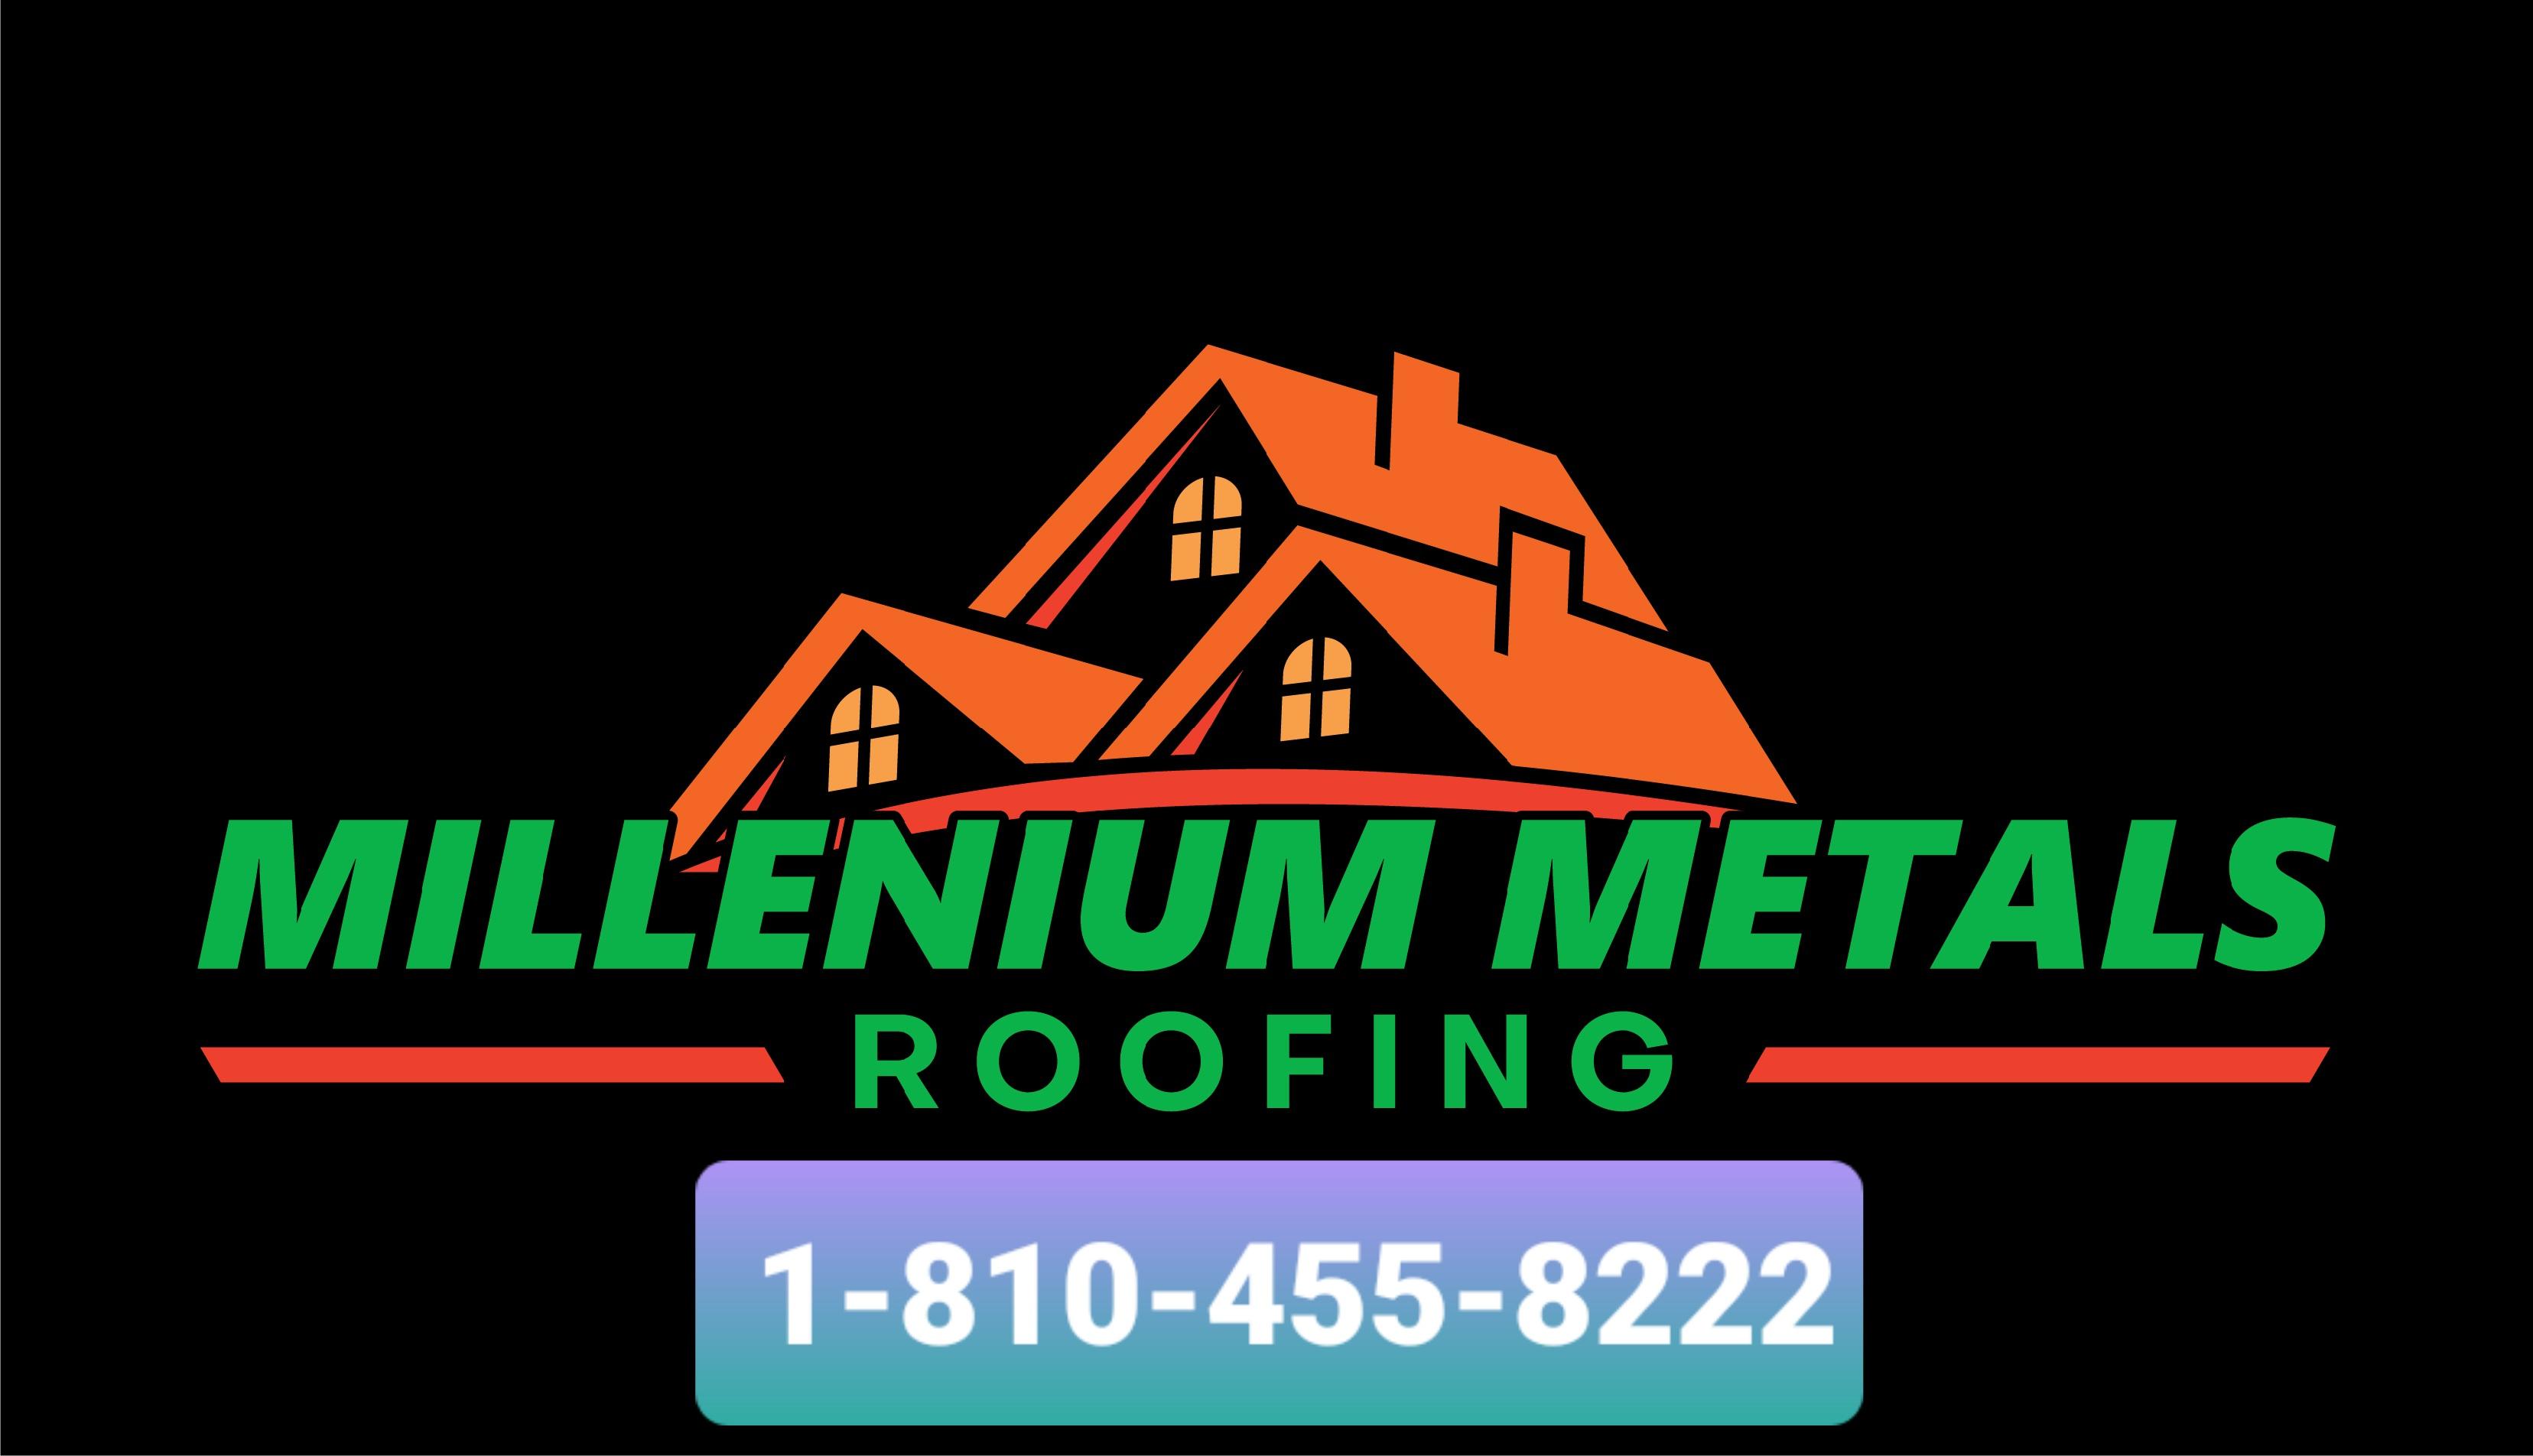 Millenium Metals Roofing